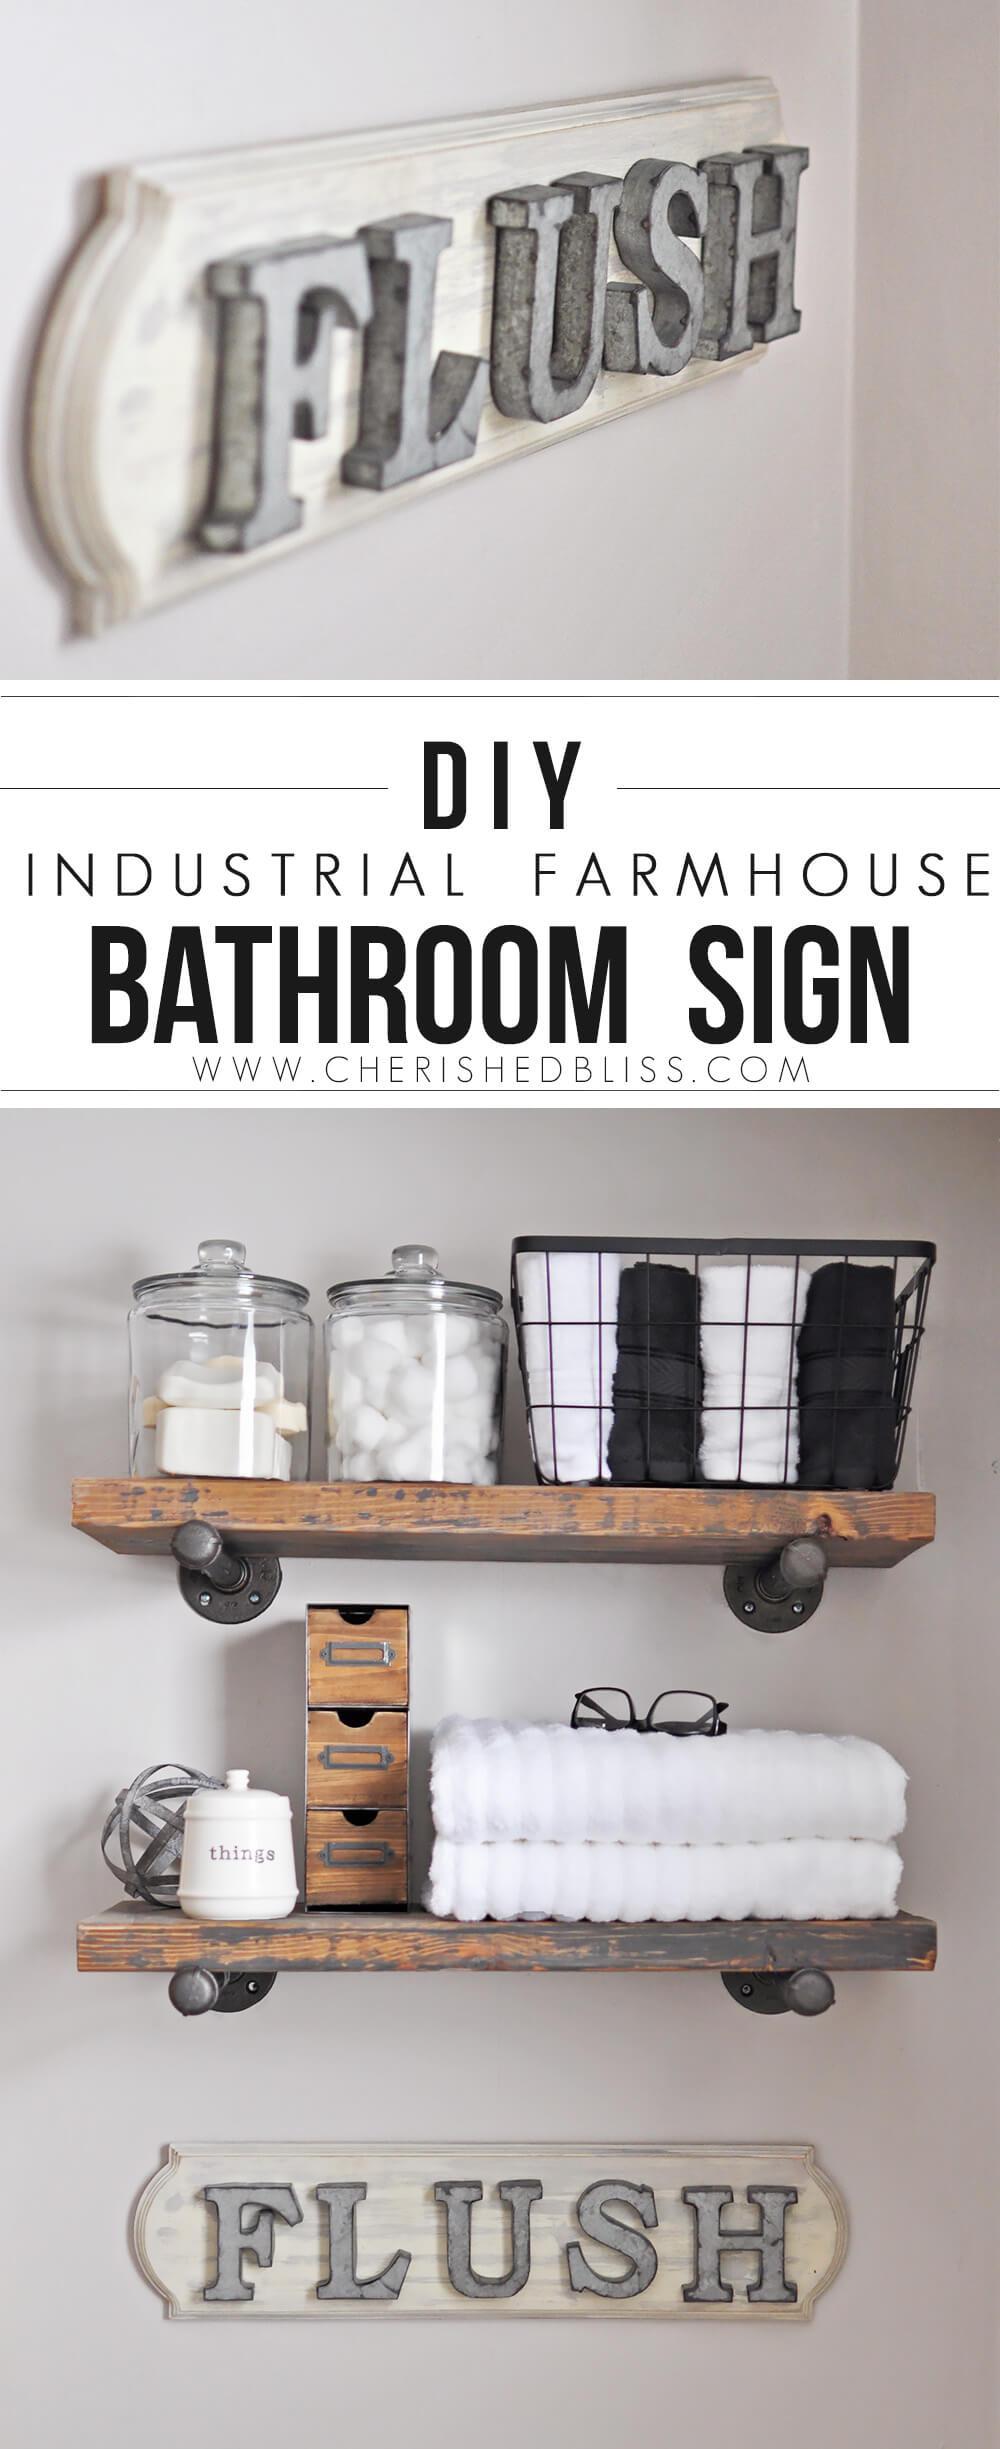 Farmhouse Wall Decor Ideas for Bathrooms